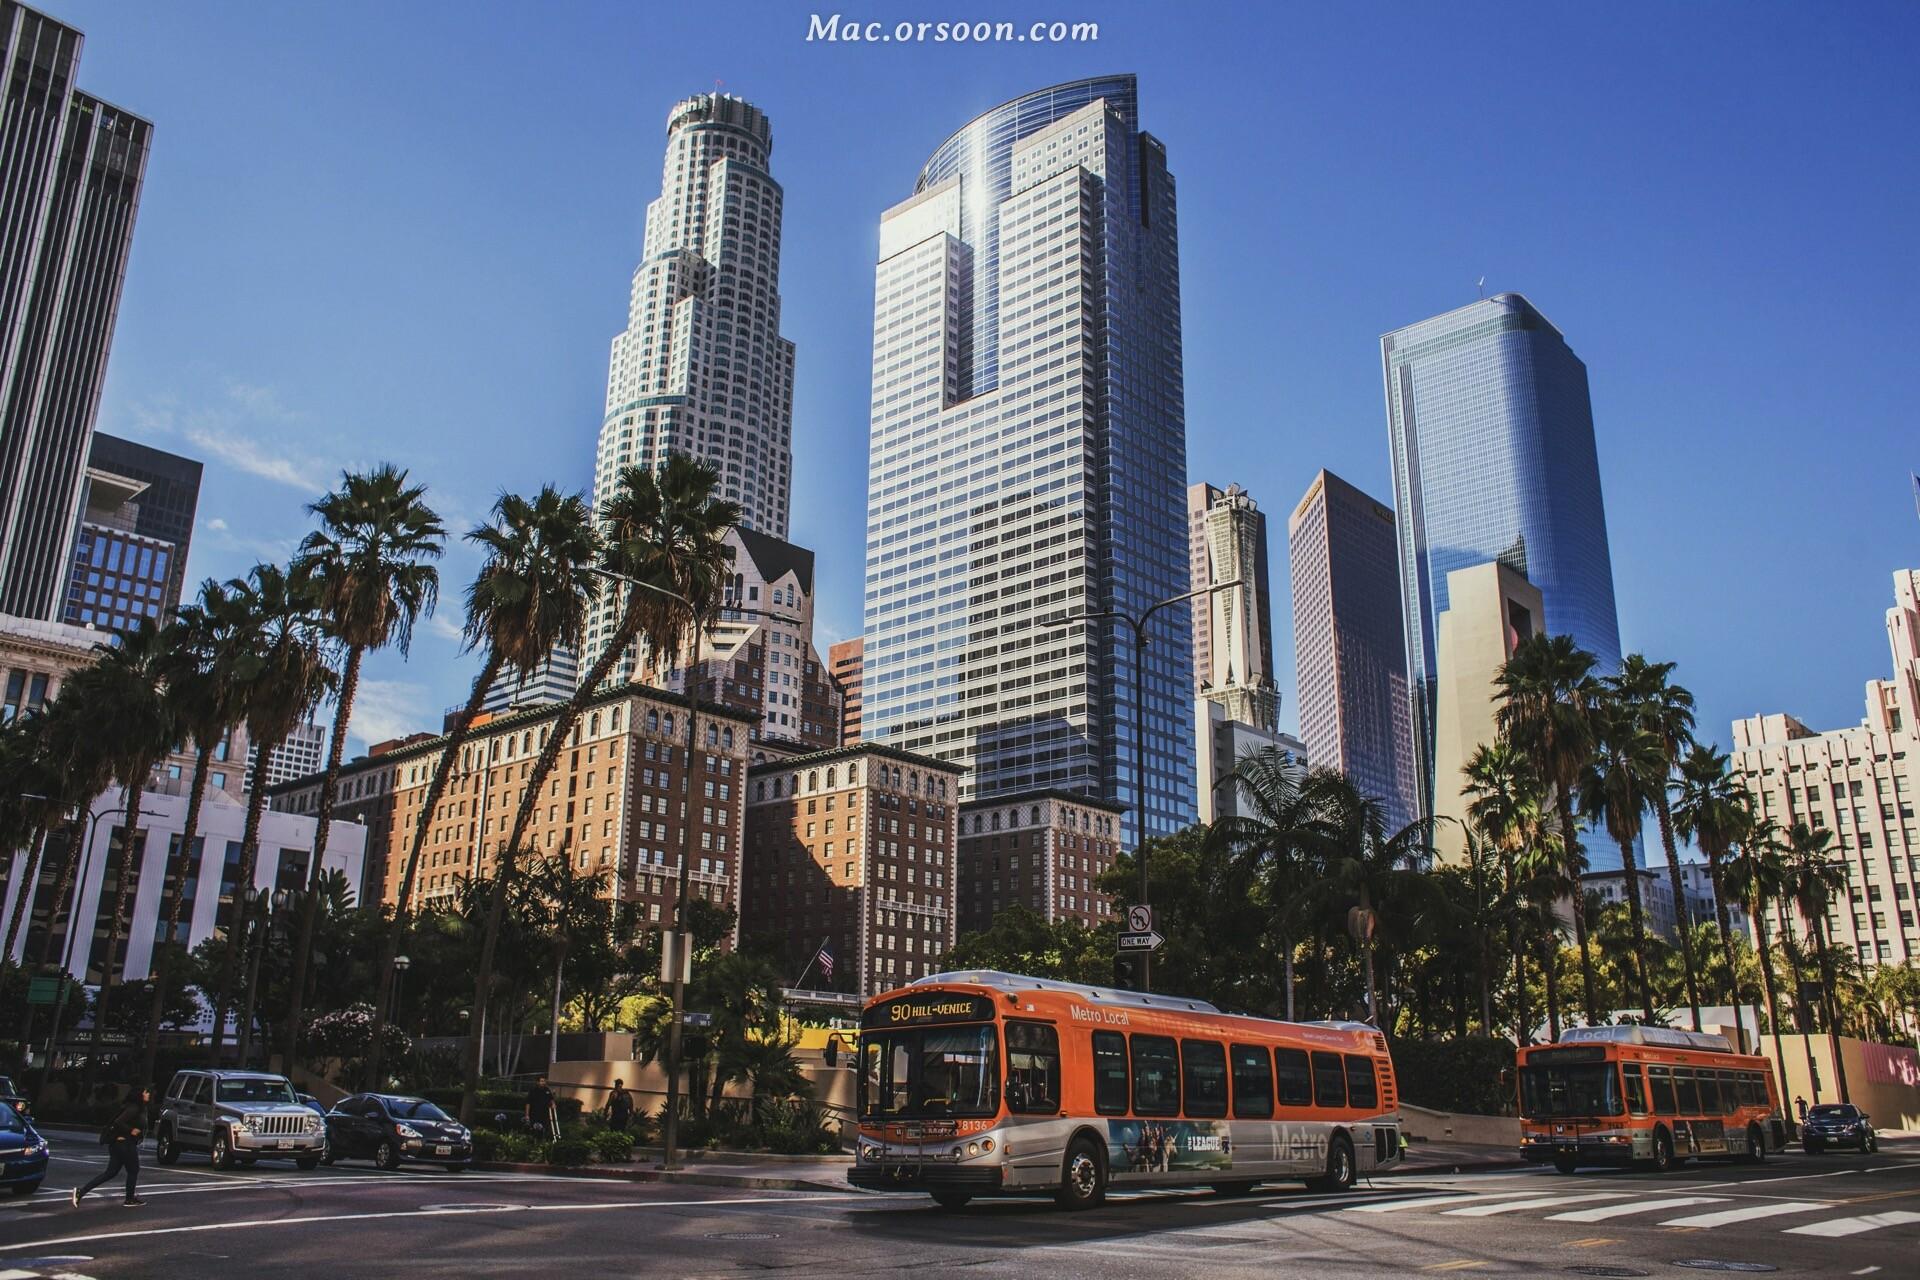 洛杉矶城市高清动态壁纸